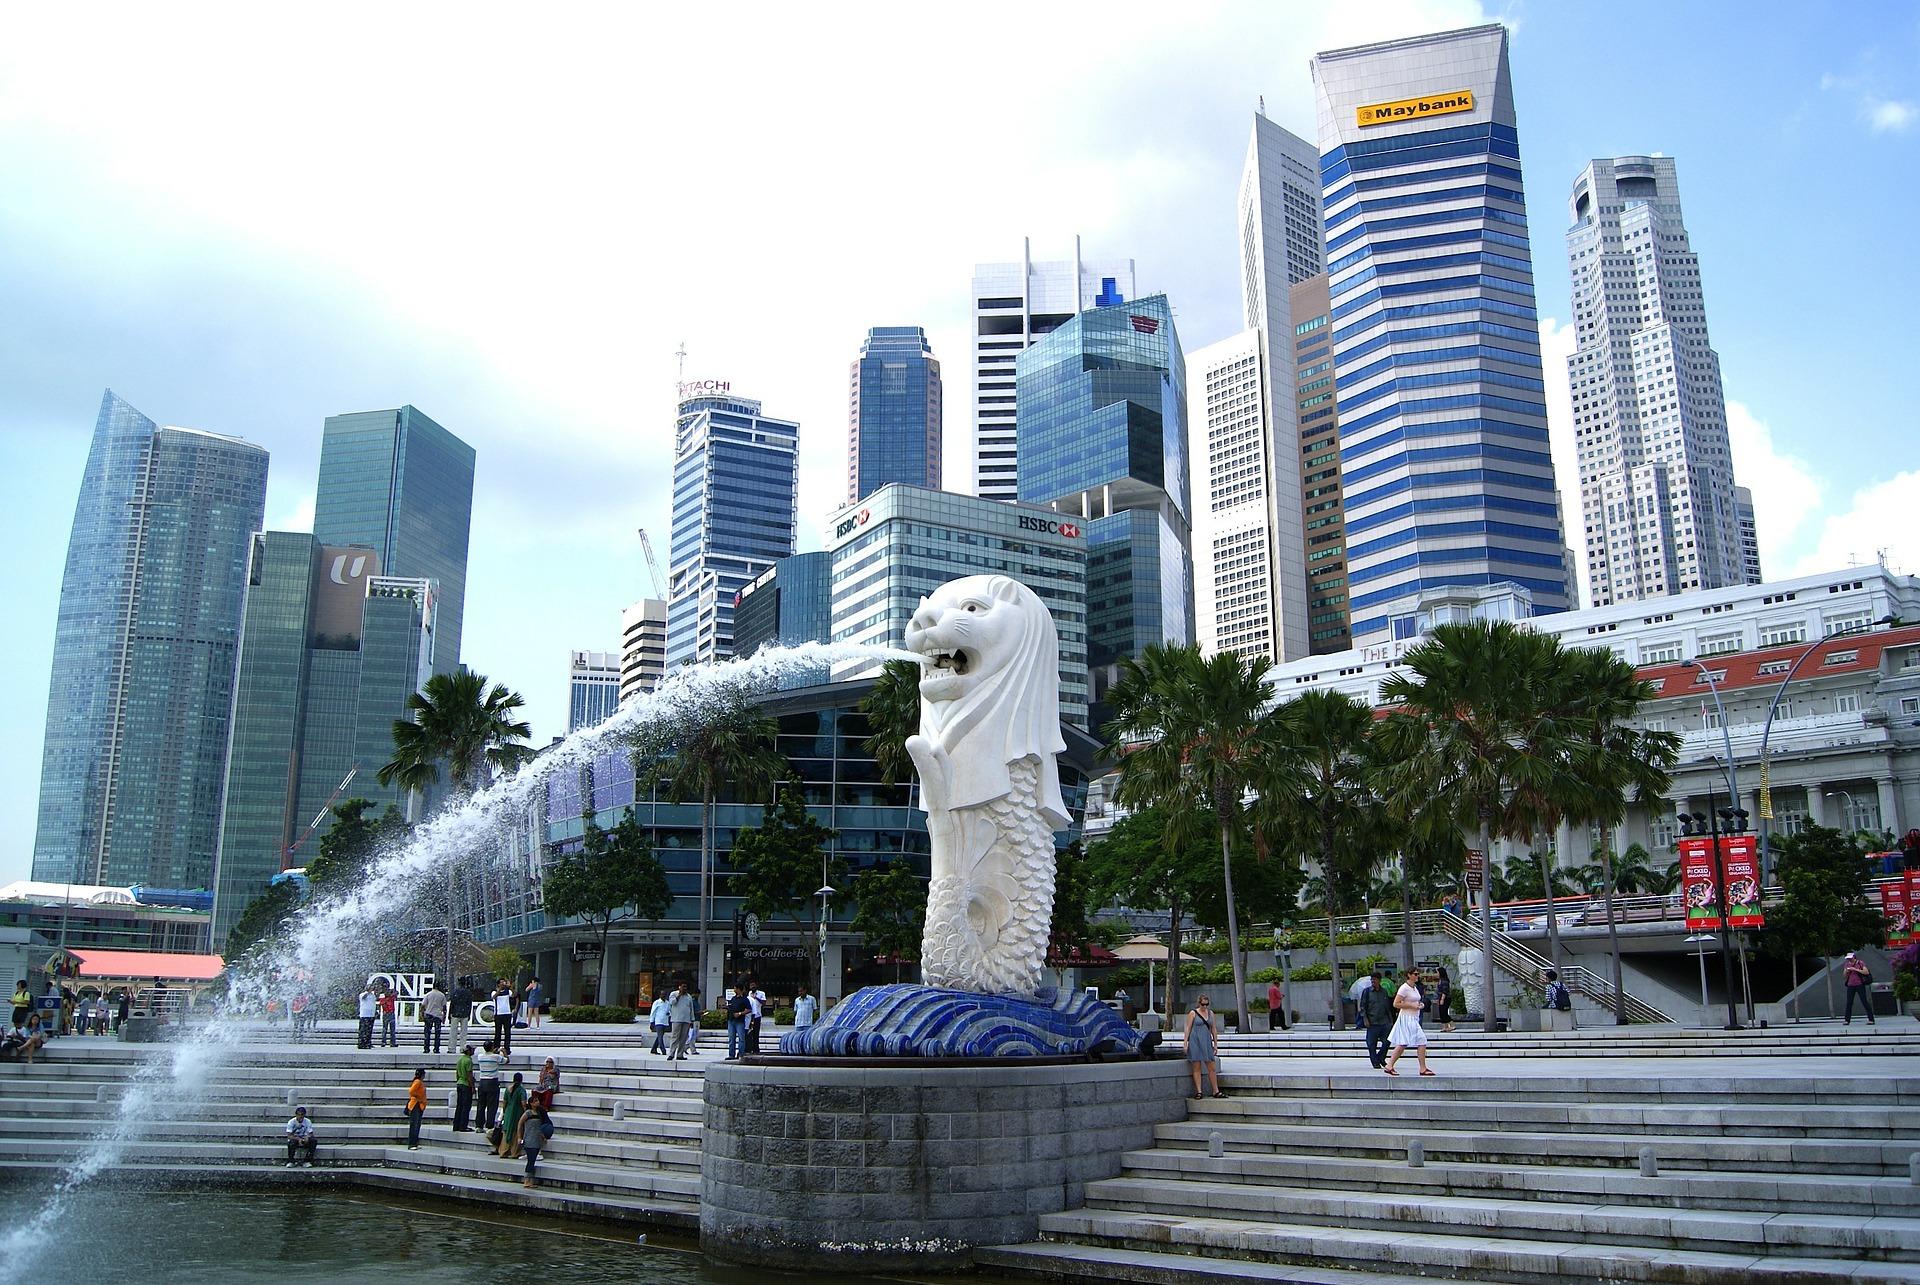 【米朝首脳会談でも話題】【意外と知られていない】シンガポールに行くならマーライオン巡り マーライオンスポット5選